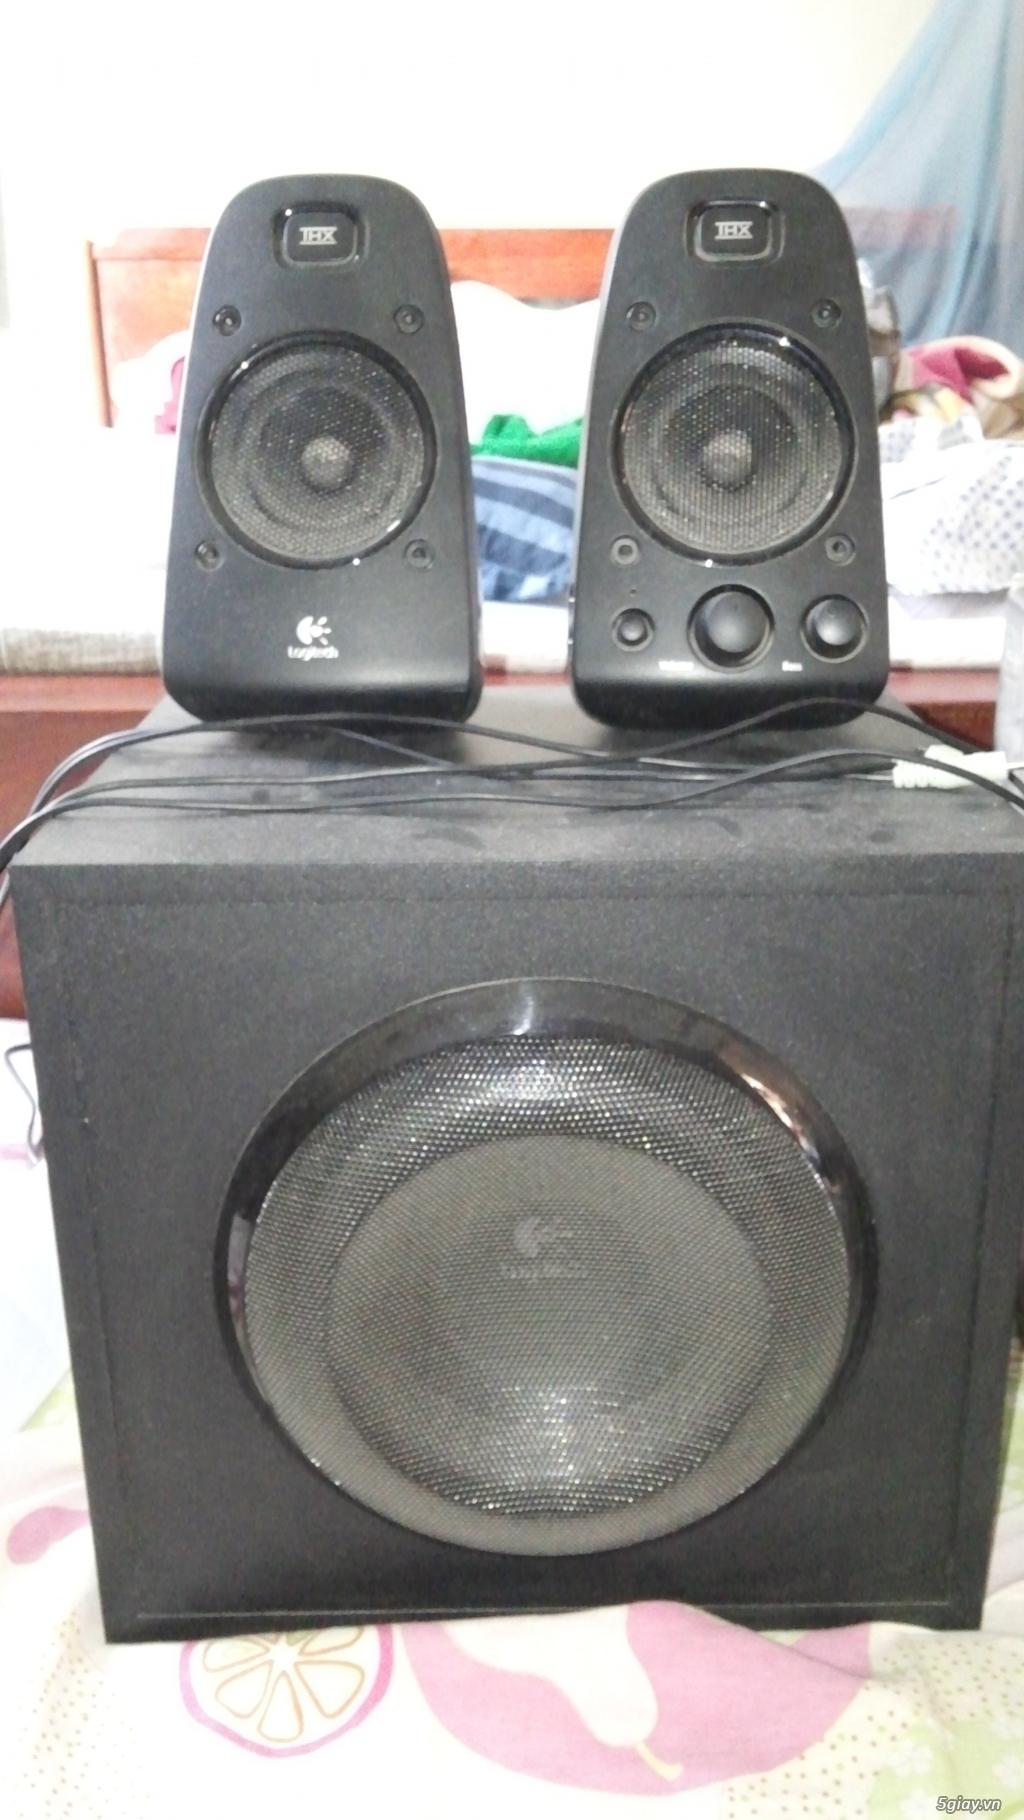 Logitech Z623 chính hãng Nguyễn Kim + Anycast M2 plus, giá SV - 1